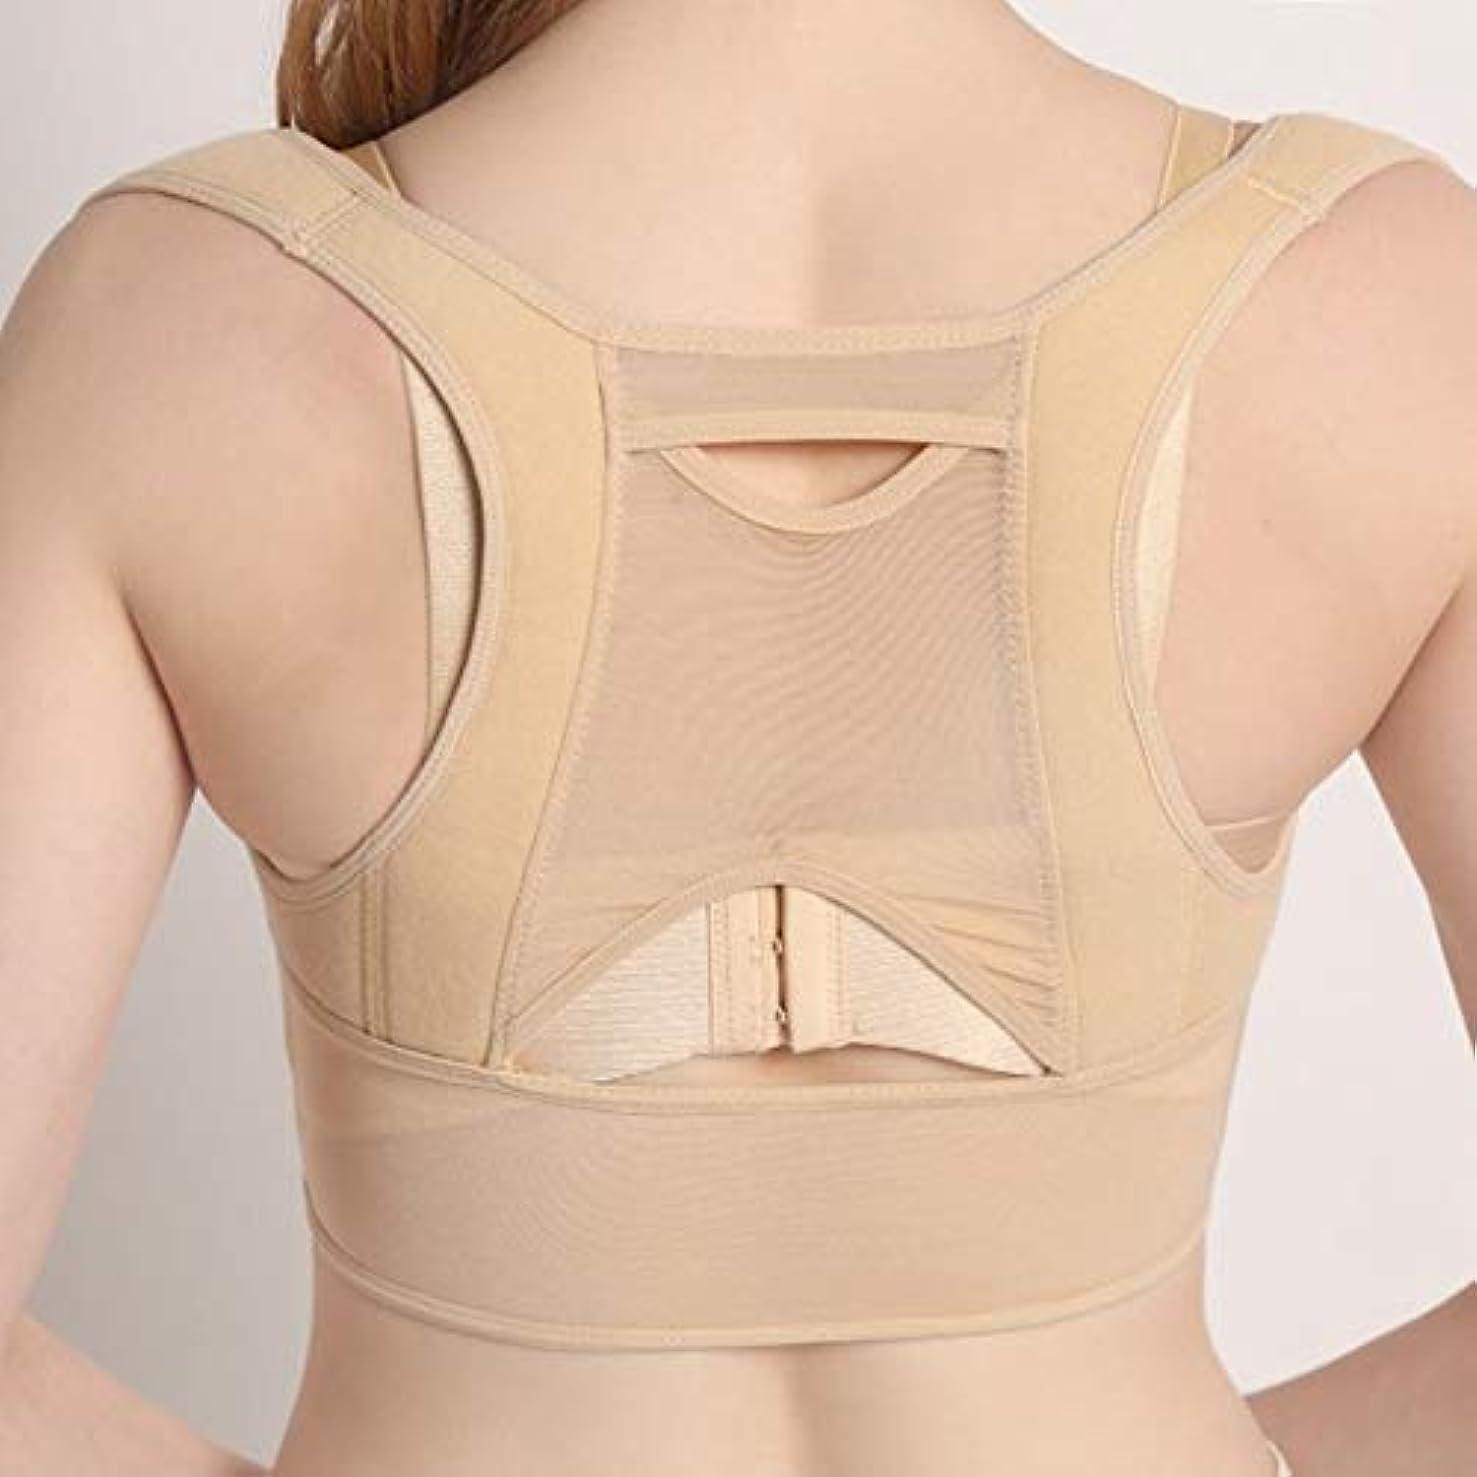 充実まつげ副通気性のある女性の背中の姿勢矯正コルセット整形外科の肩の背骨の背骨の姿勢矯正腰椎サポート